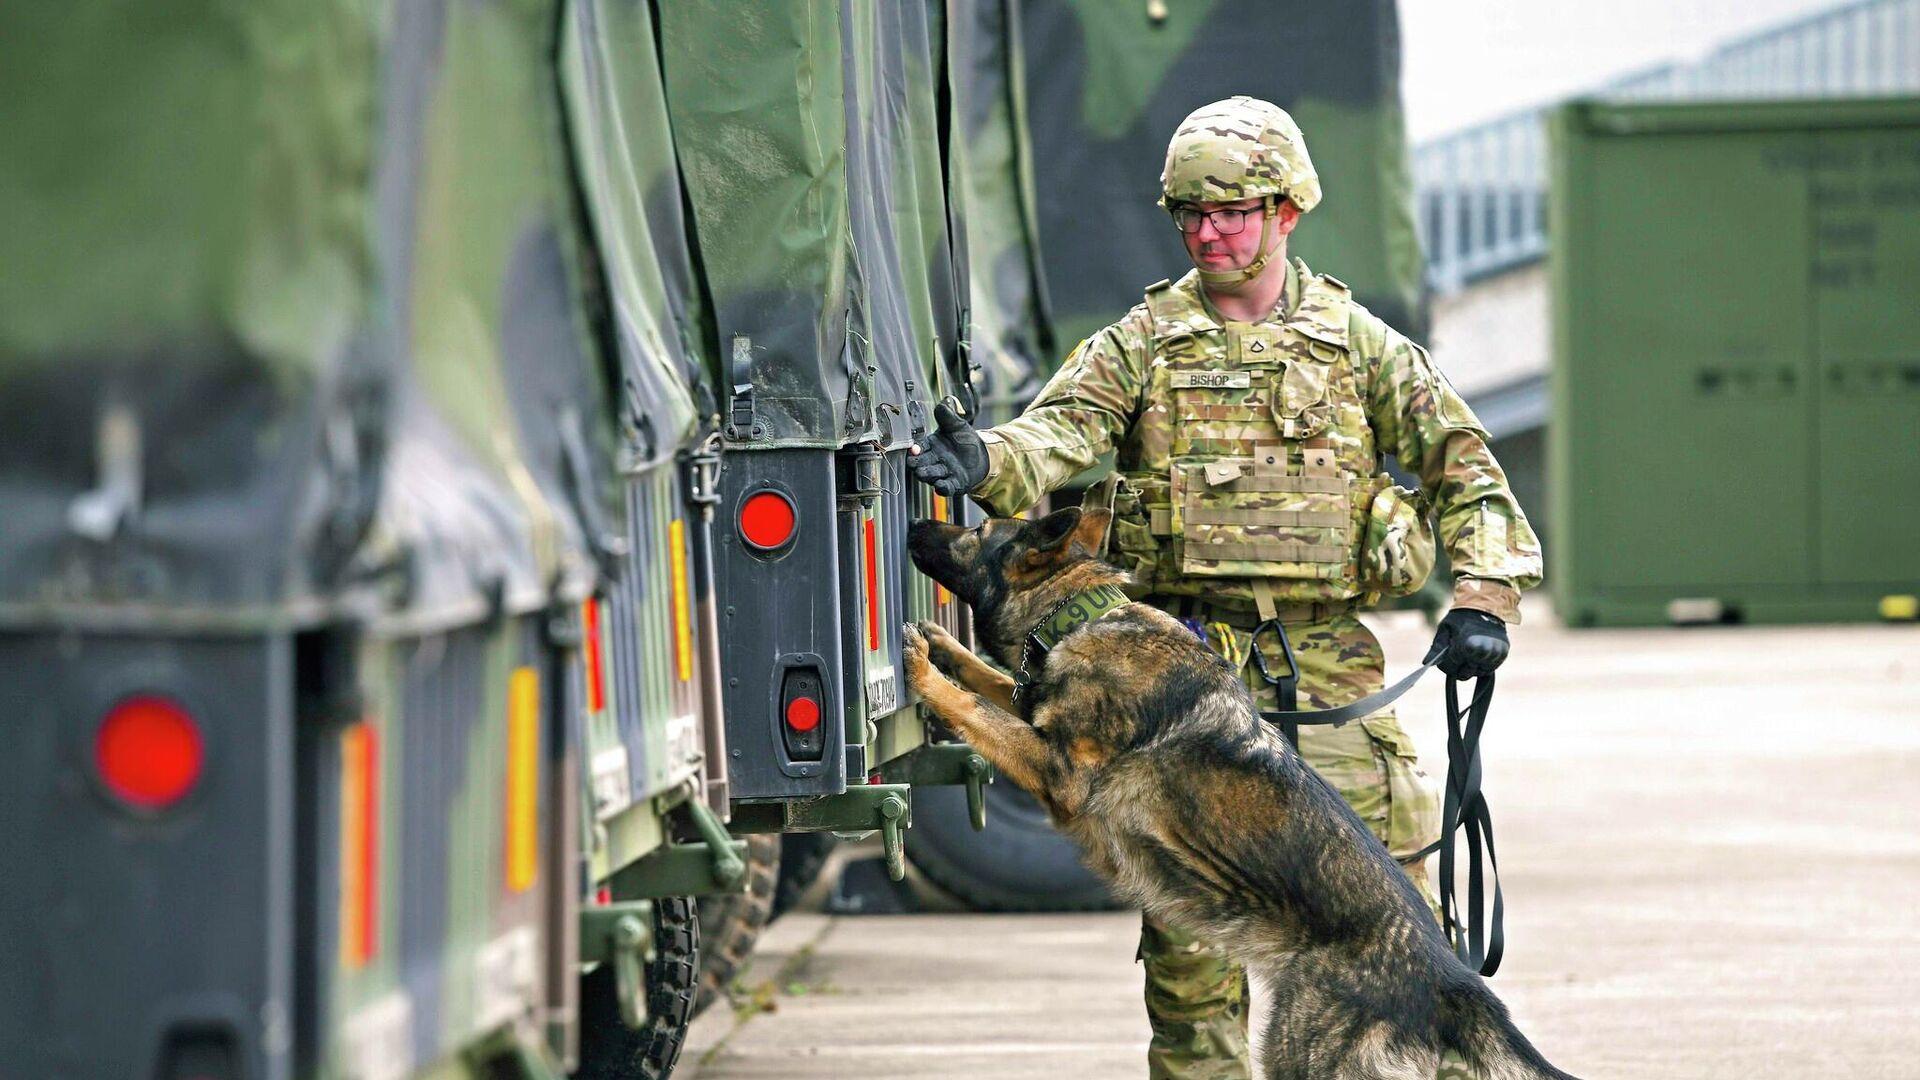 Солдат армии США и армейская военная служебная собака, архивное фото - Sputnik Таджикистан, 1920, 28.09.2021